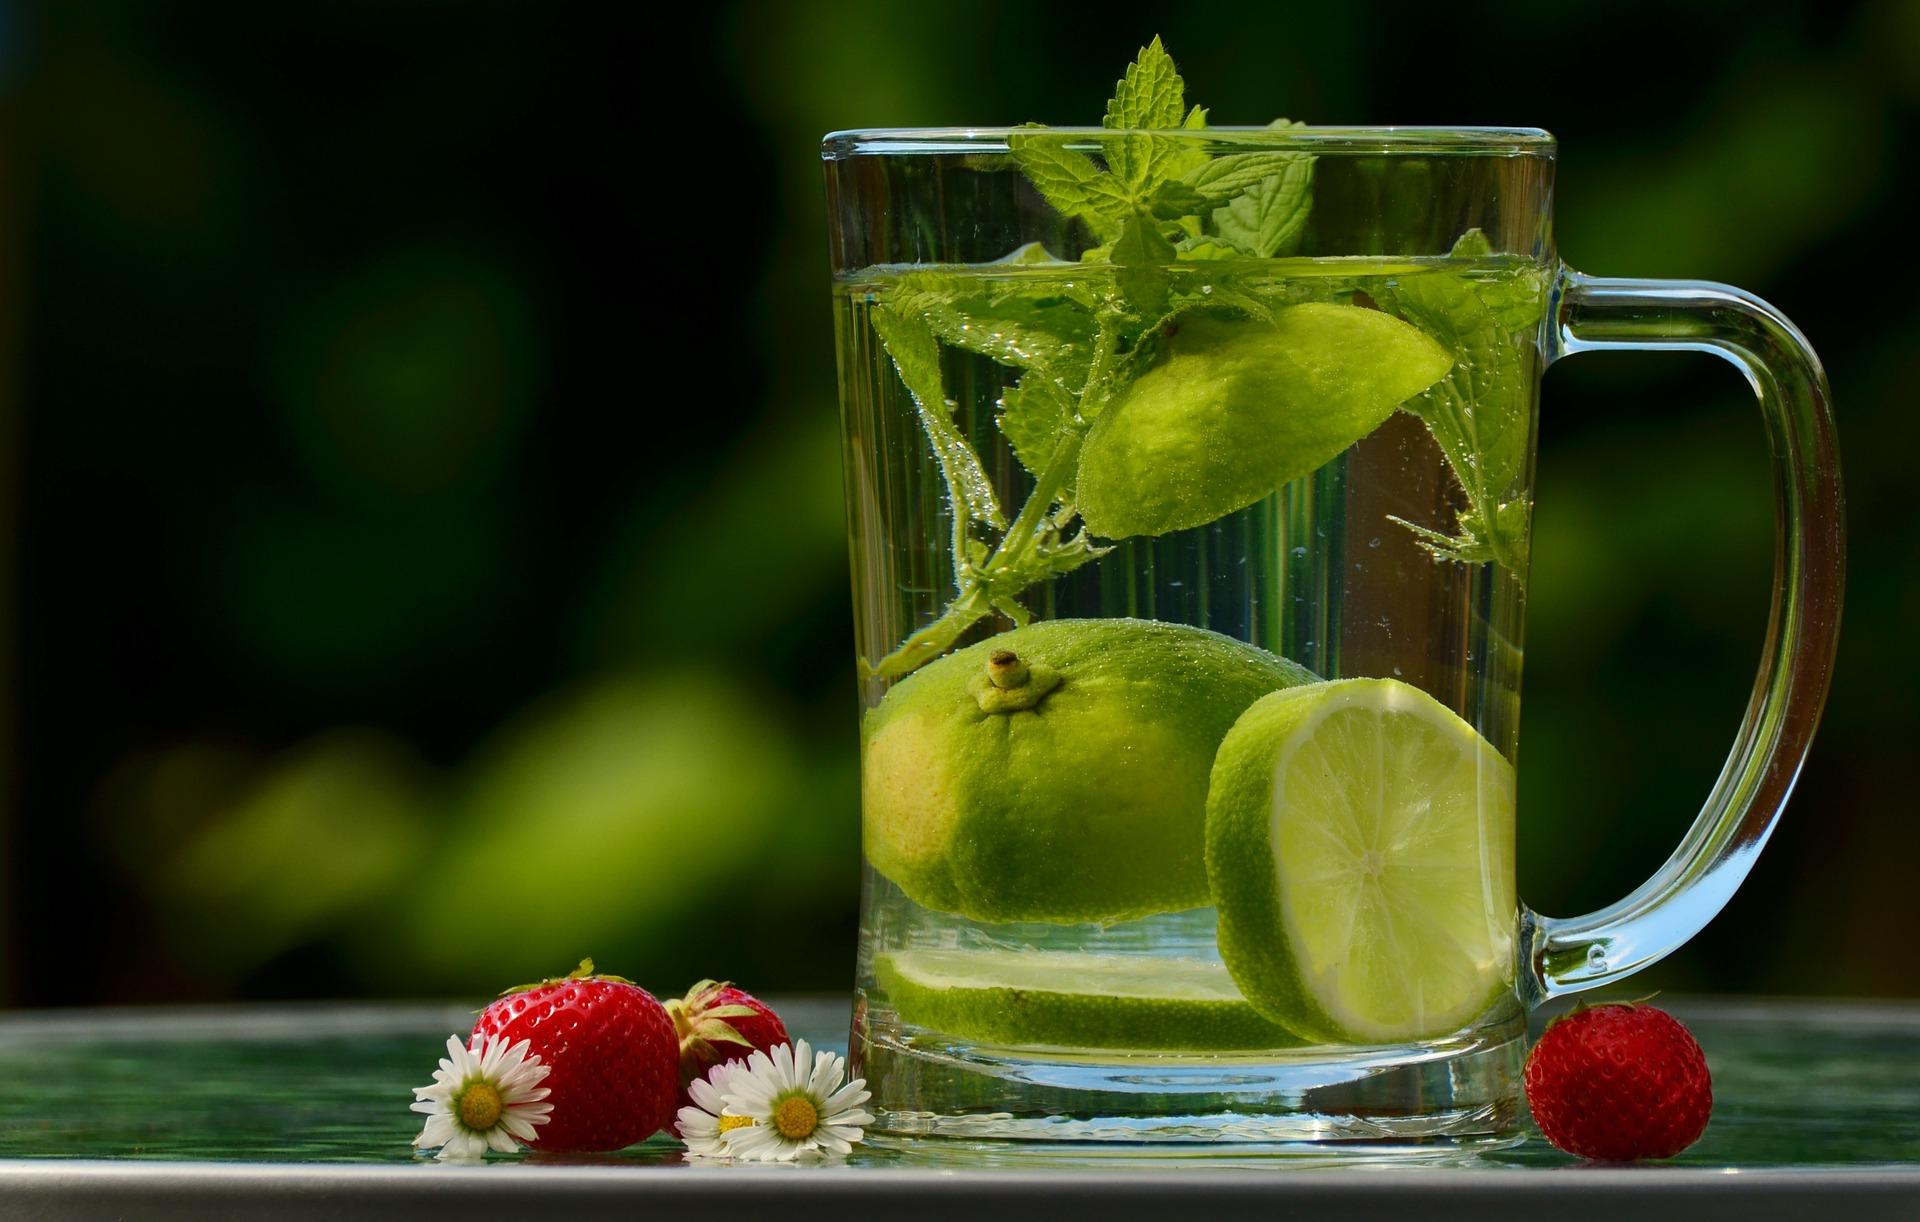 Eine günstige Alternative zu den teuren Detox-Tees